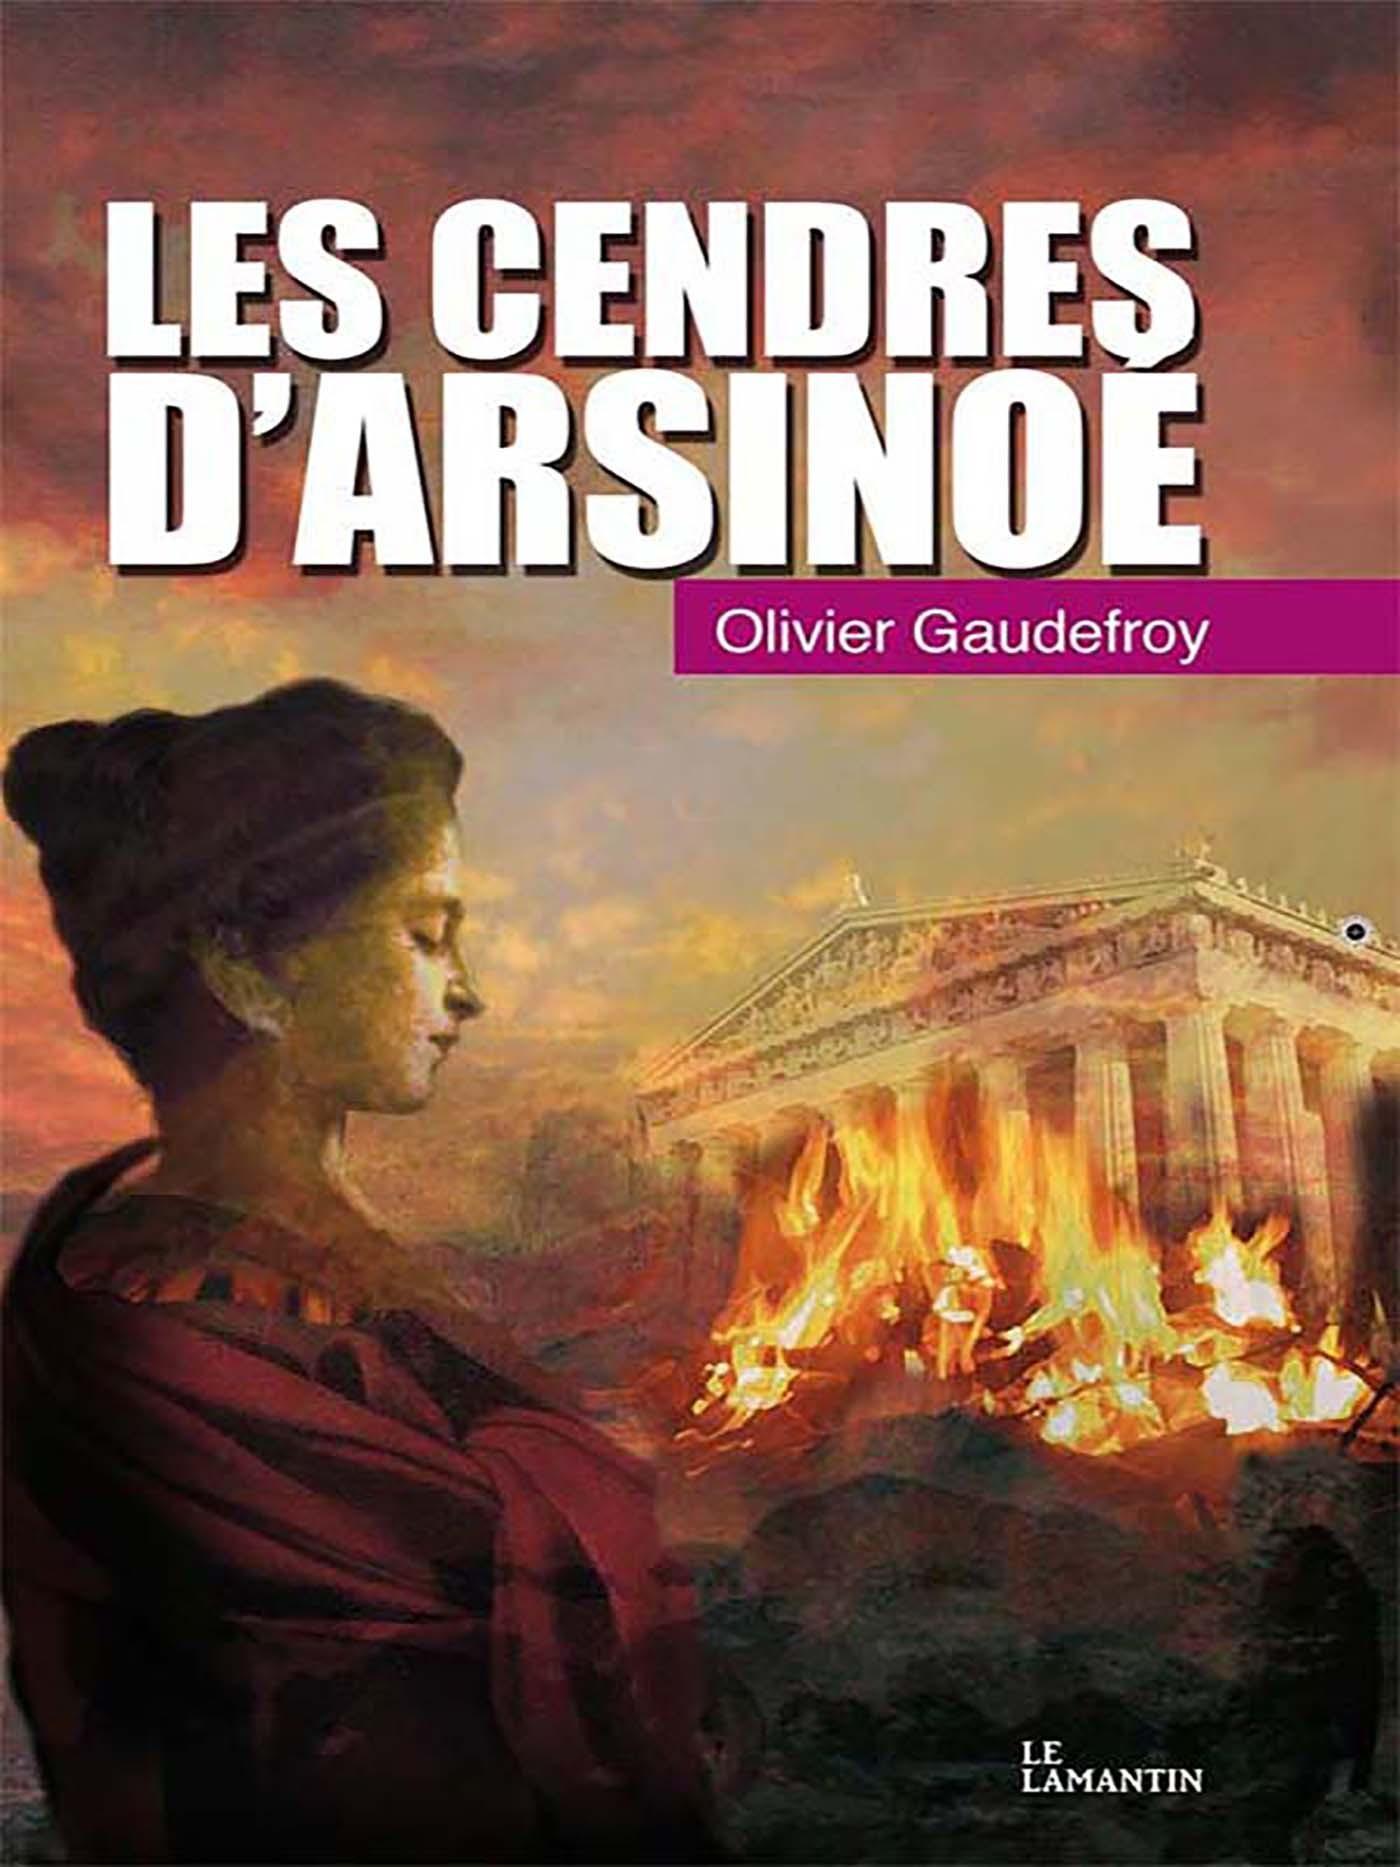 Les cendres d'Arsinoe